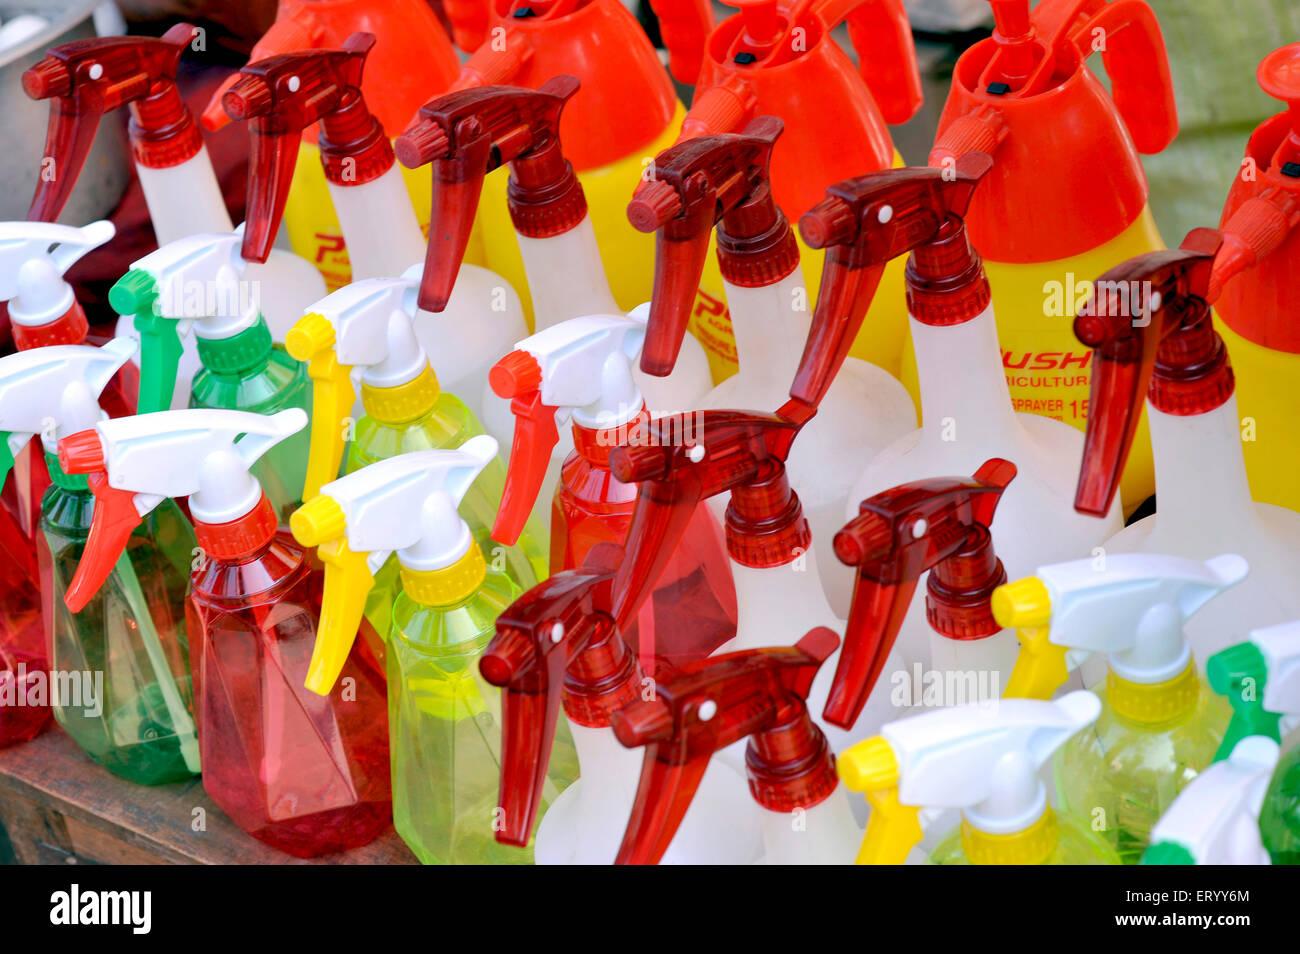 Water sprayer bottles for sale at Galif Street ;Kolkata India - Stock Image